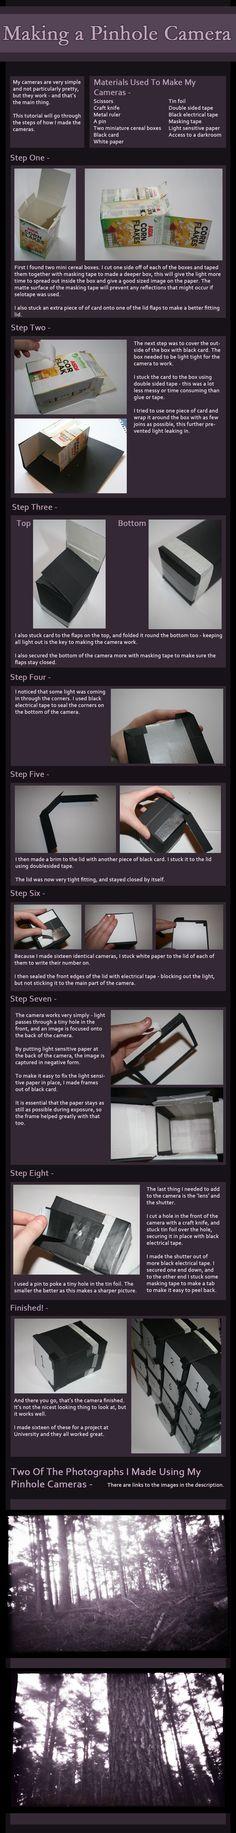 How To Make A Pinhole Camera by seasonaldragon1.deviantart.com on @deviantART